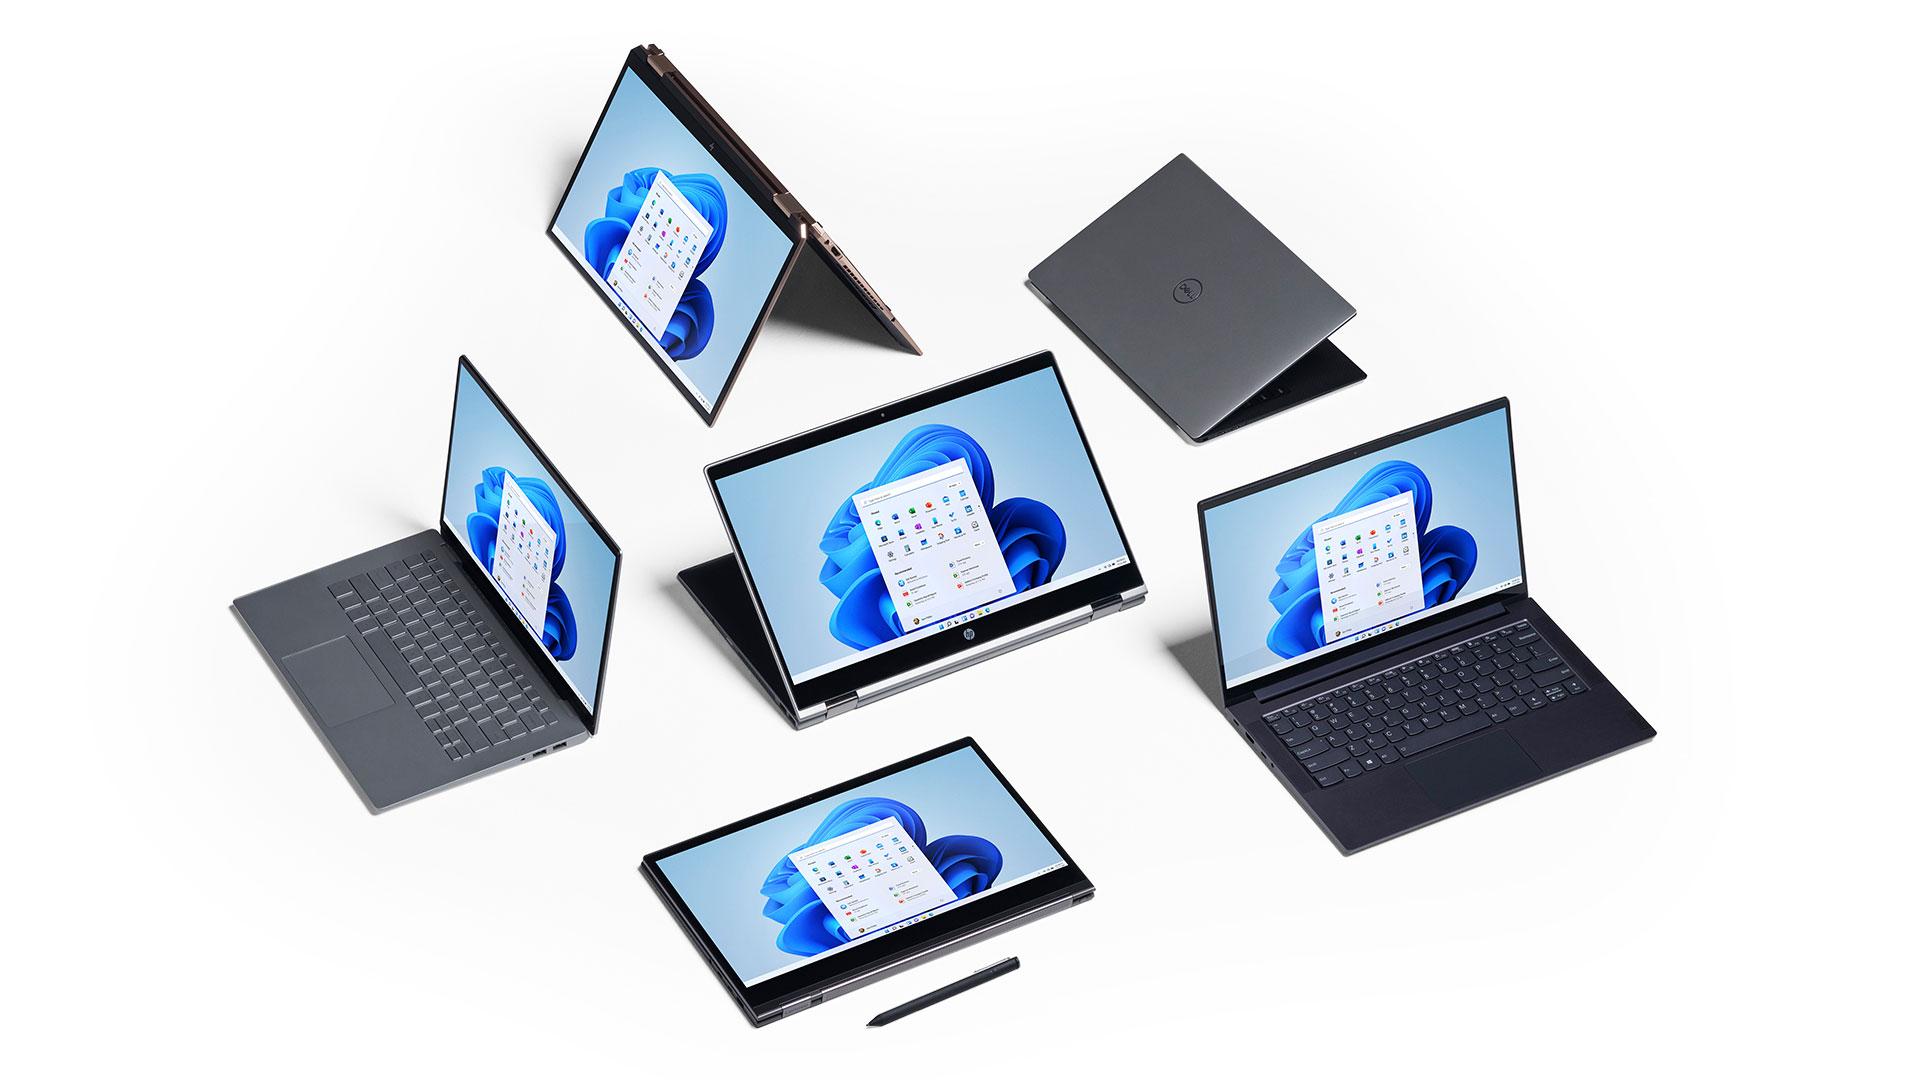 Loạt 6 chiếc máy tính Windows11